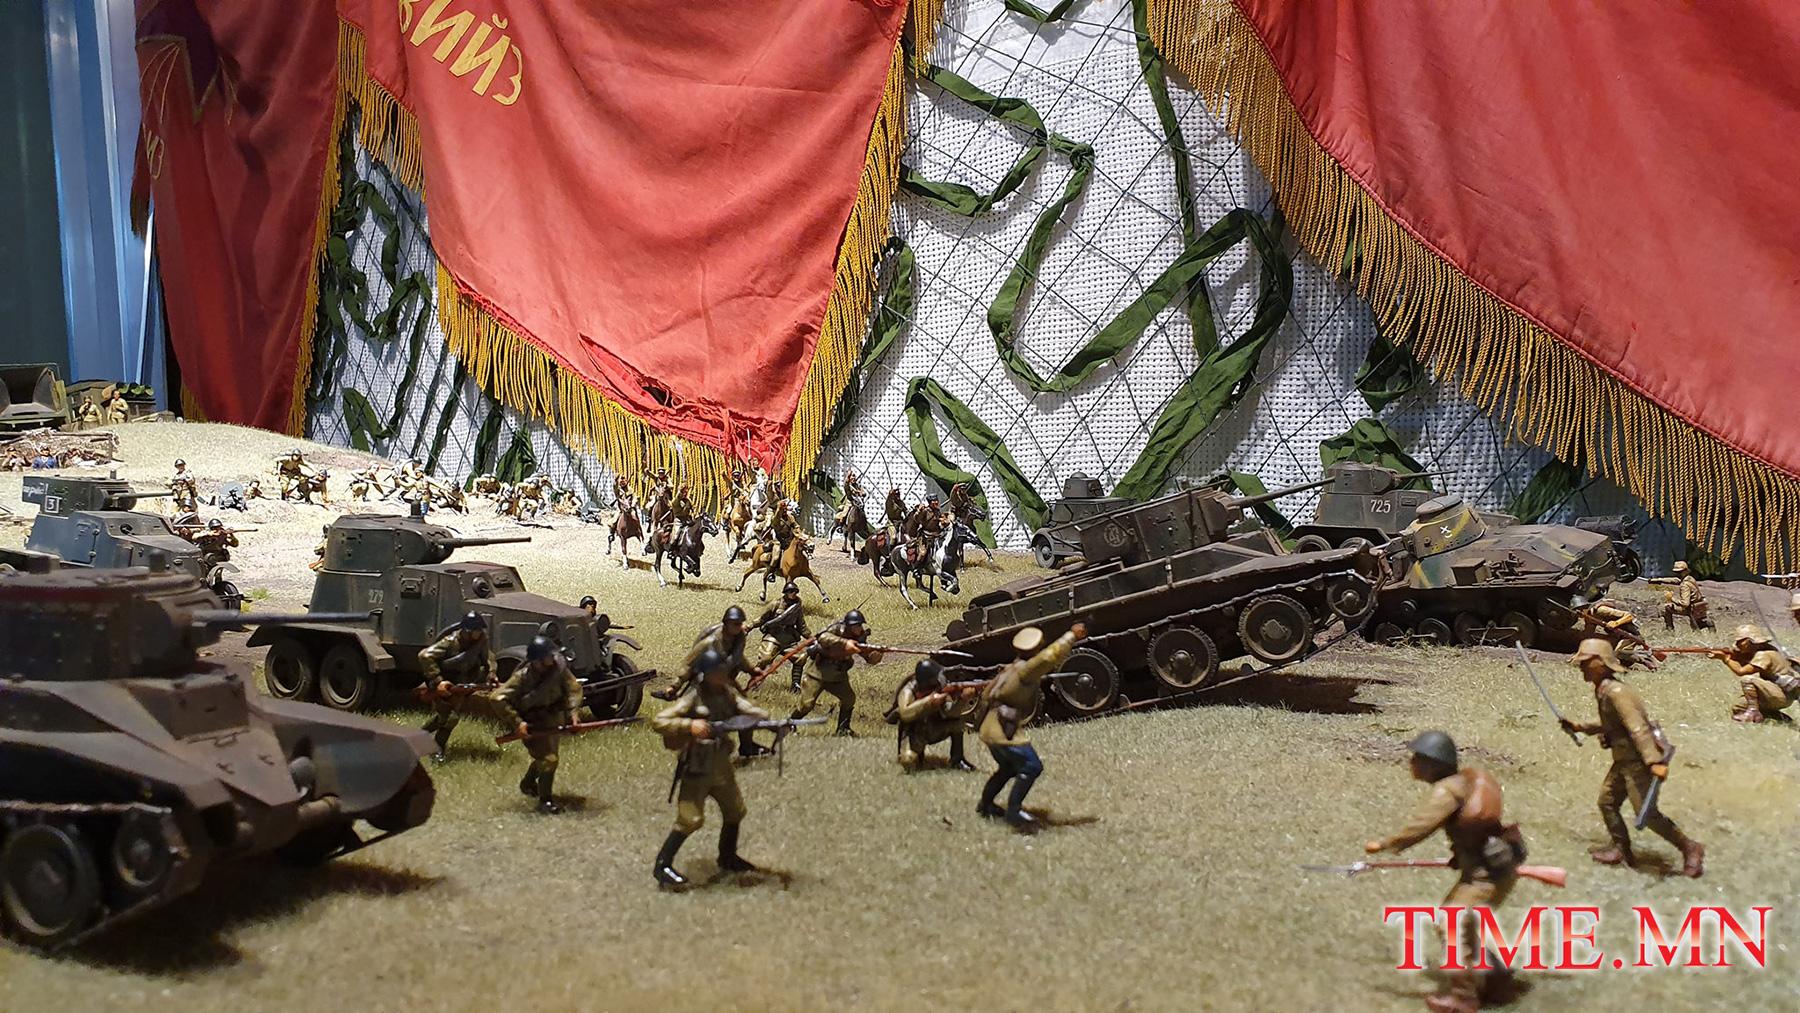 ФОТО: Халх голын дайныг биет загвараар бүтээсэн үзэсгэлэнг энэ сарын 22-нд дэлгэнэ